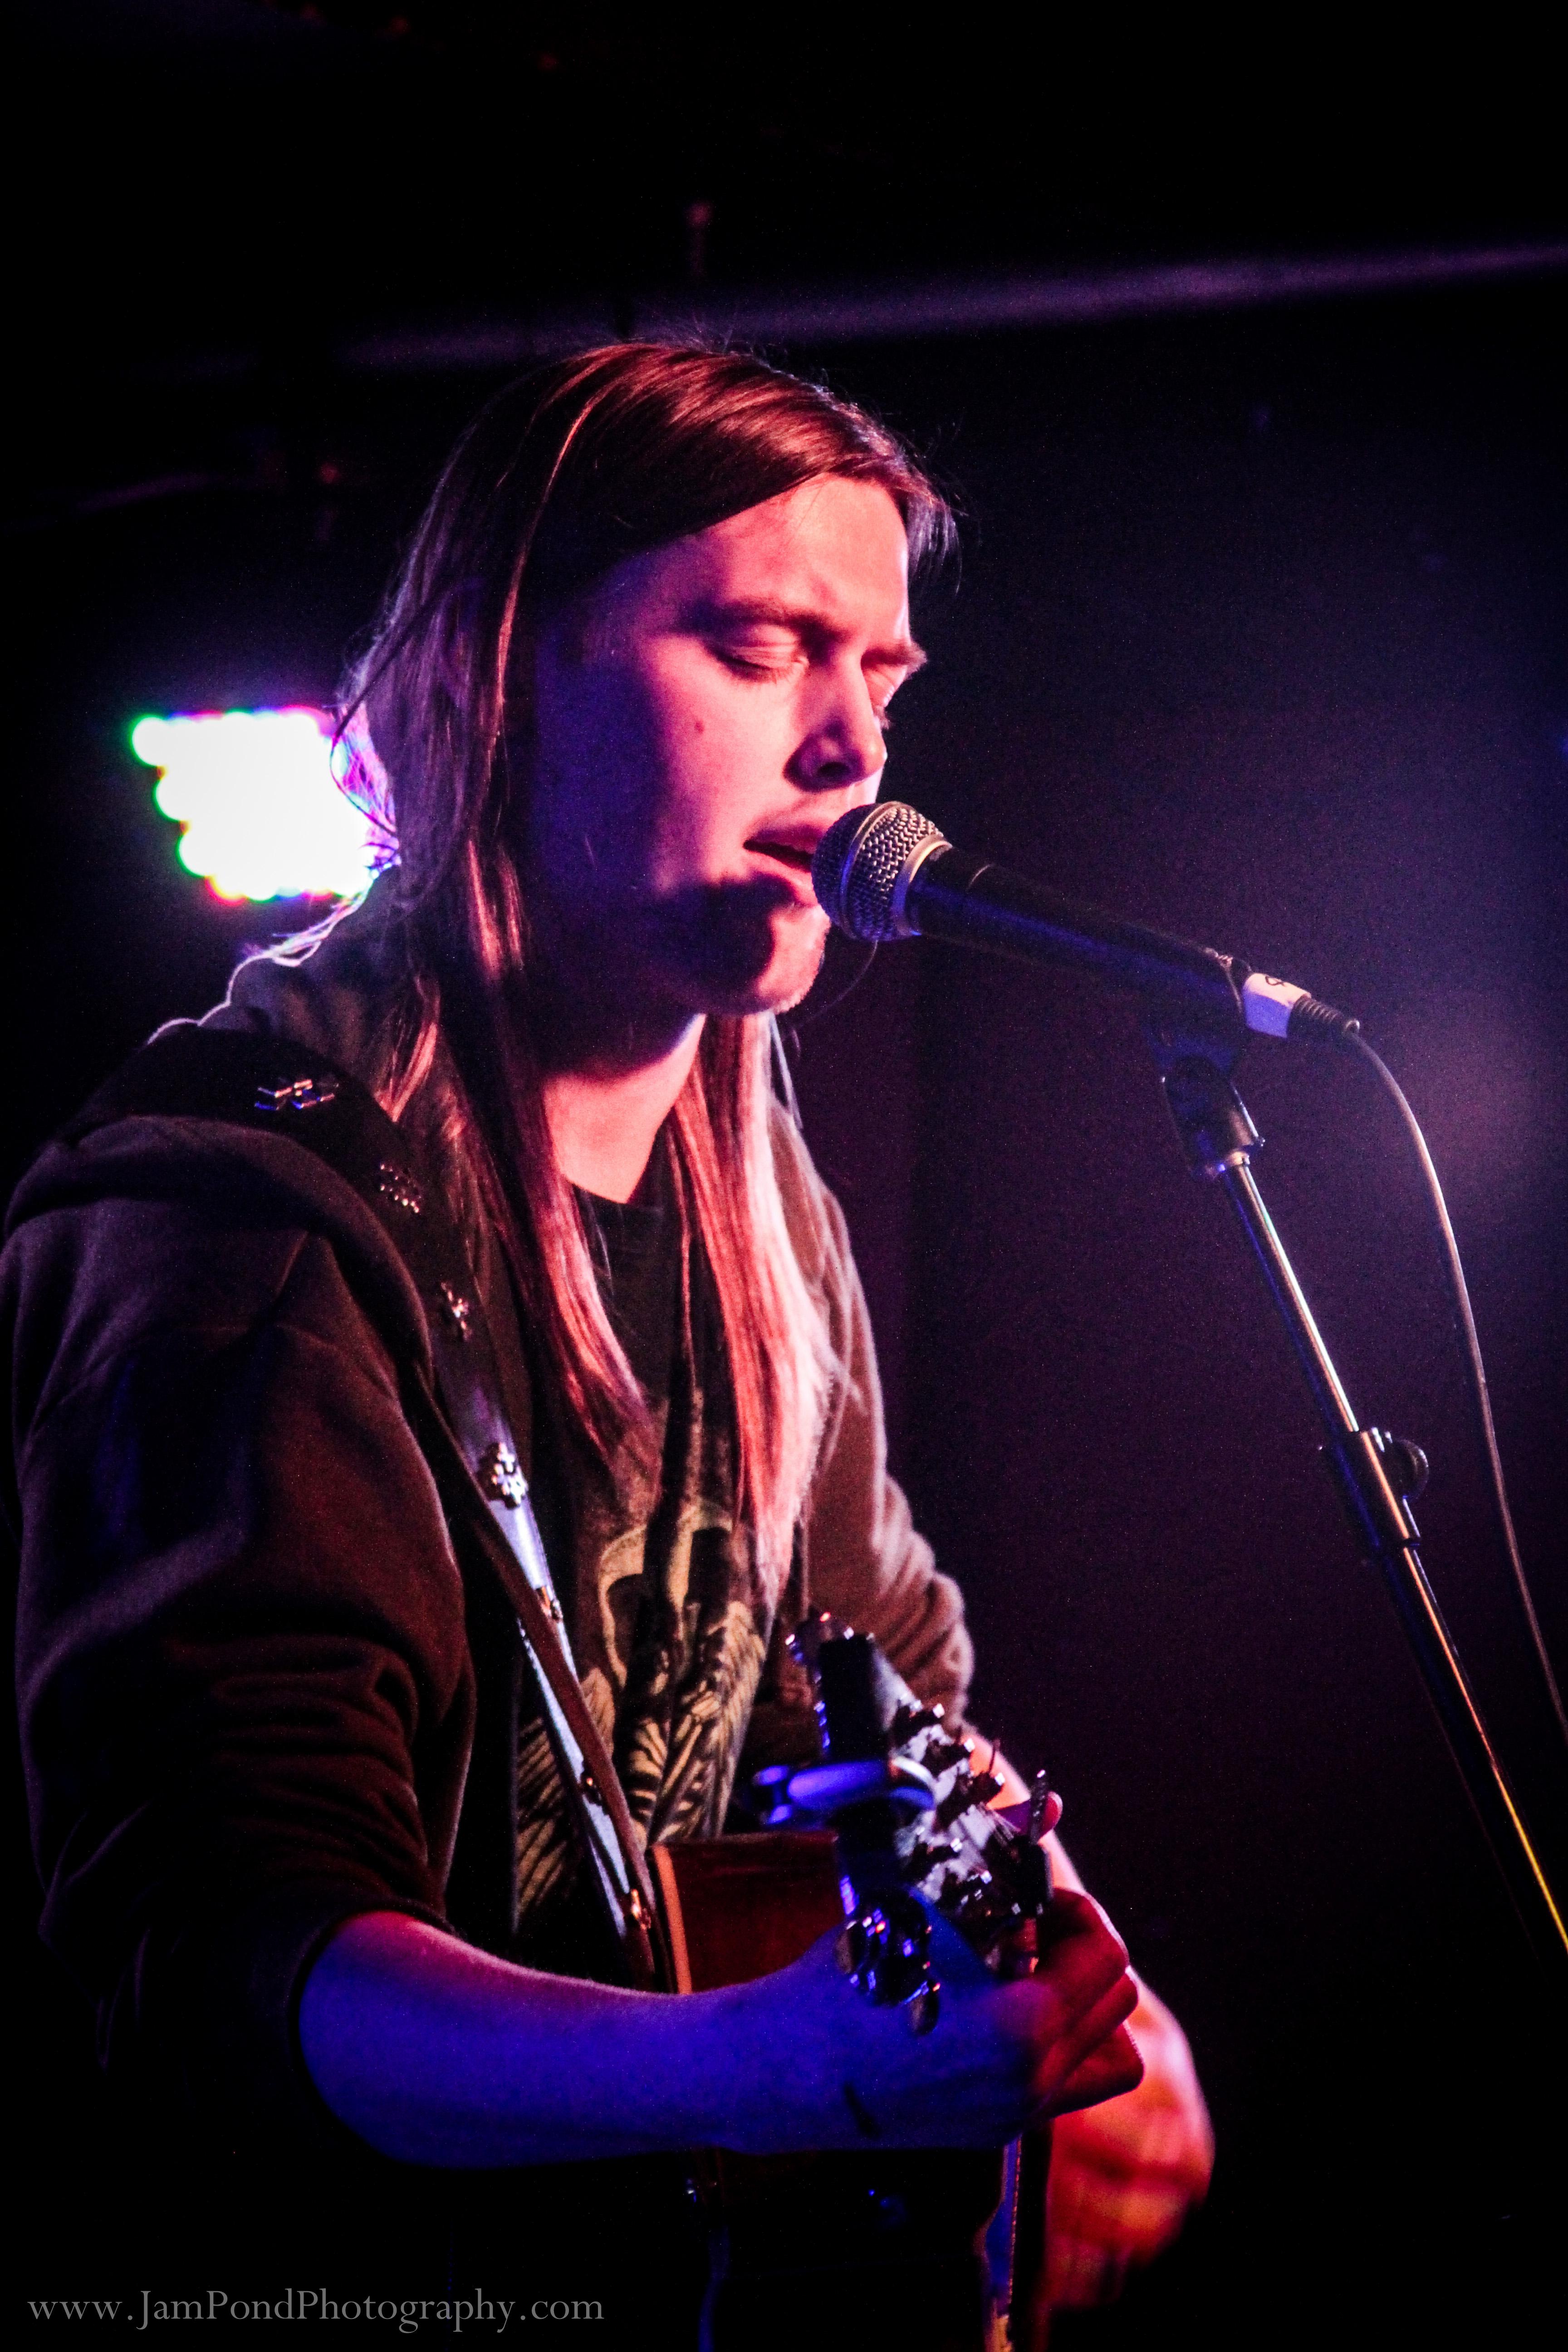 Bradley Donaldson